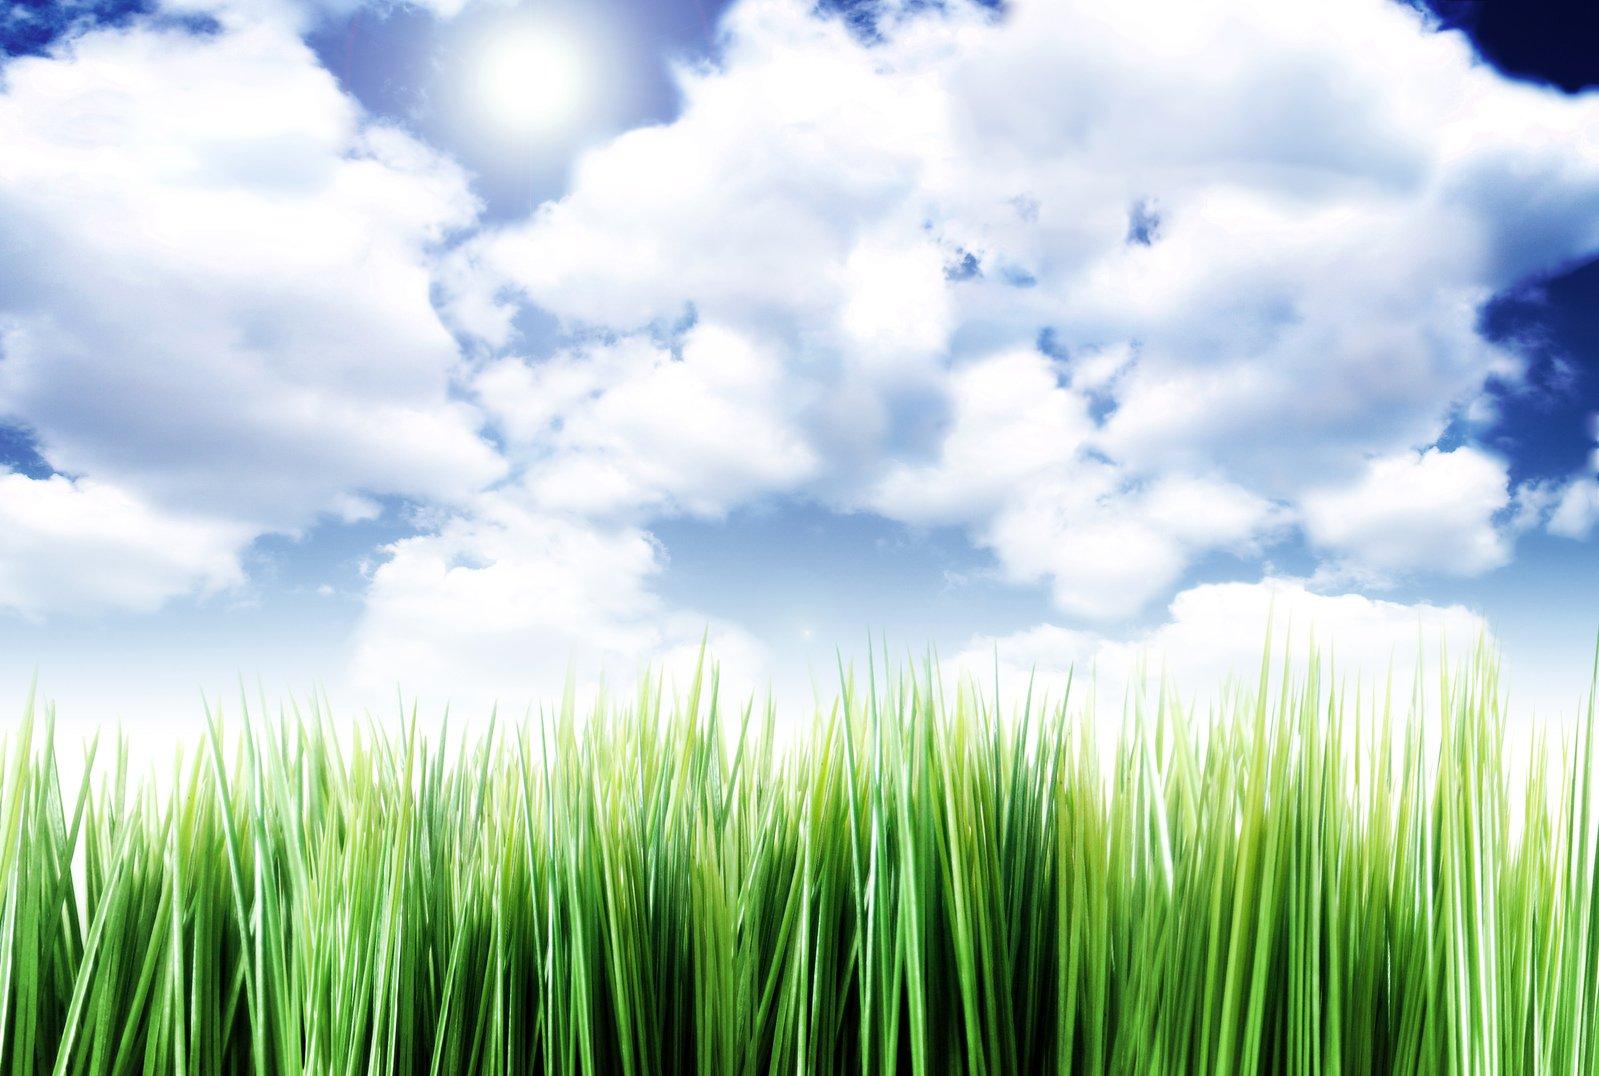 grass-iii-1171821